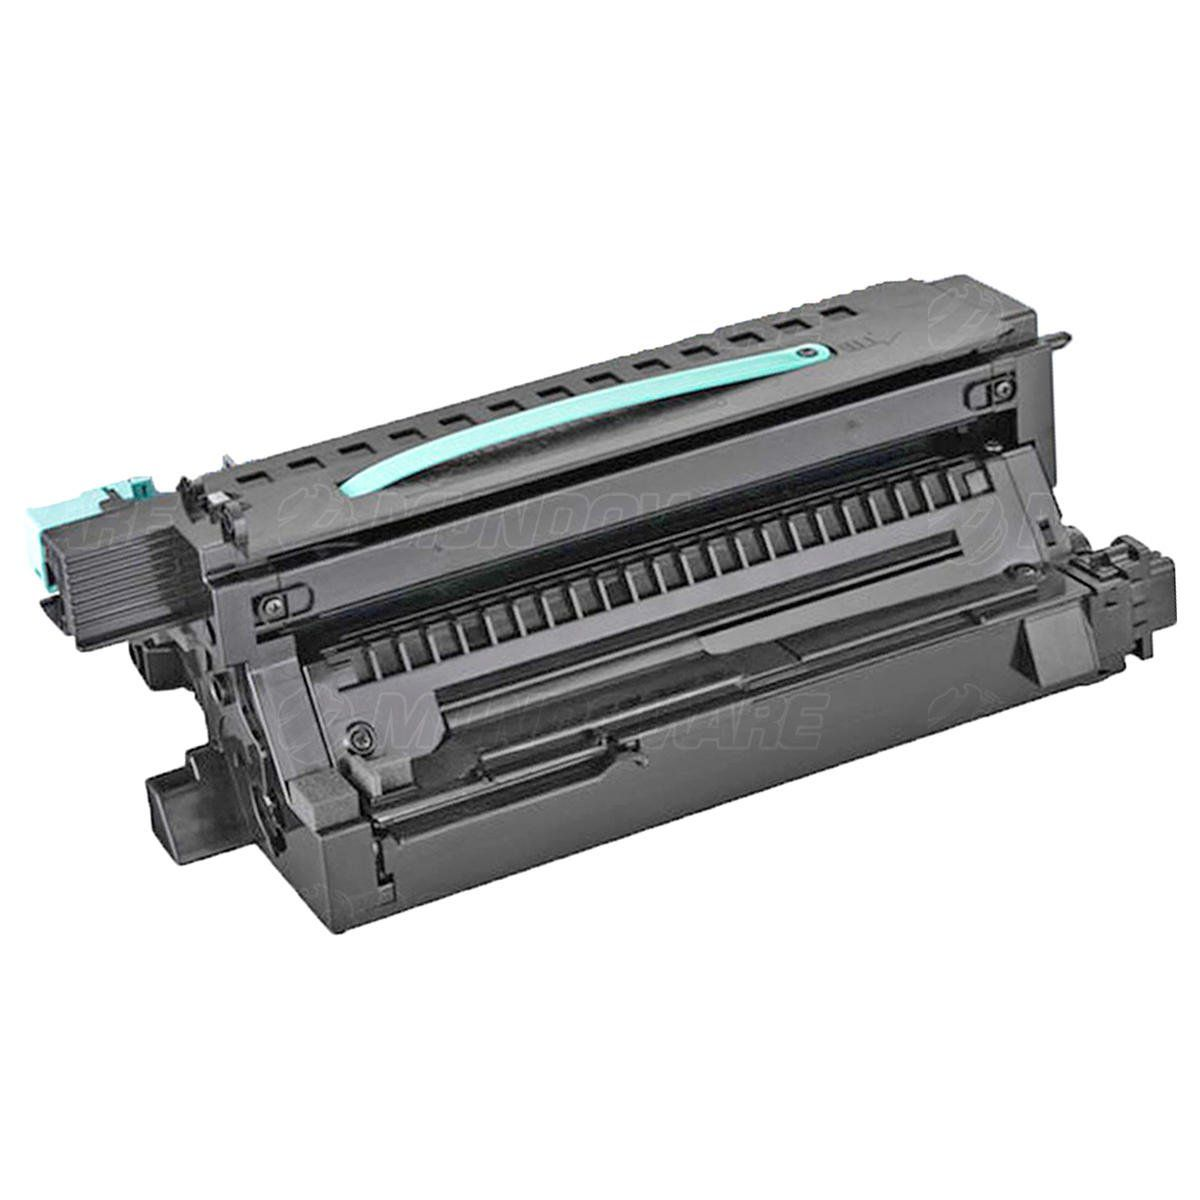 Compatível: Cartucho de Cilindro R6555A para Samsung SCX6555 SCX6555n SCX6555nx SCX-6545 SCX-6555 SCX-D6555a / 80.000